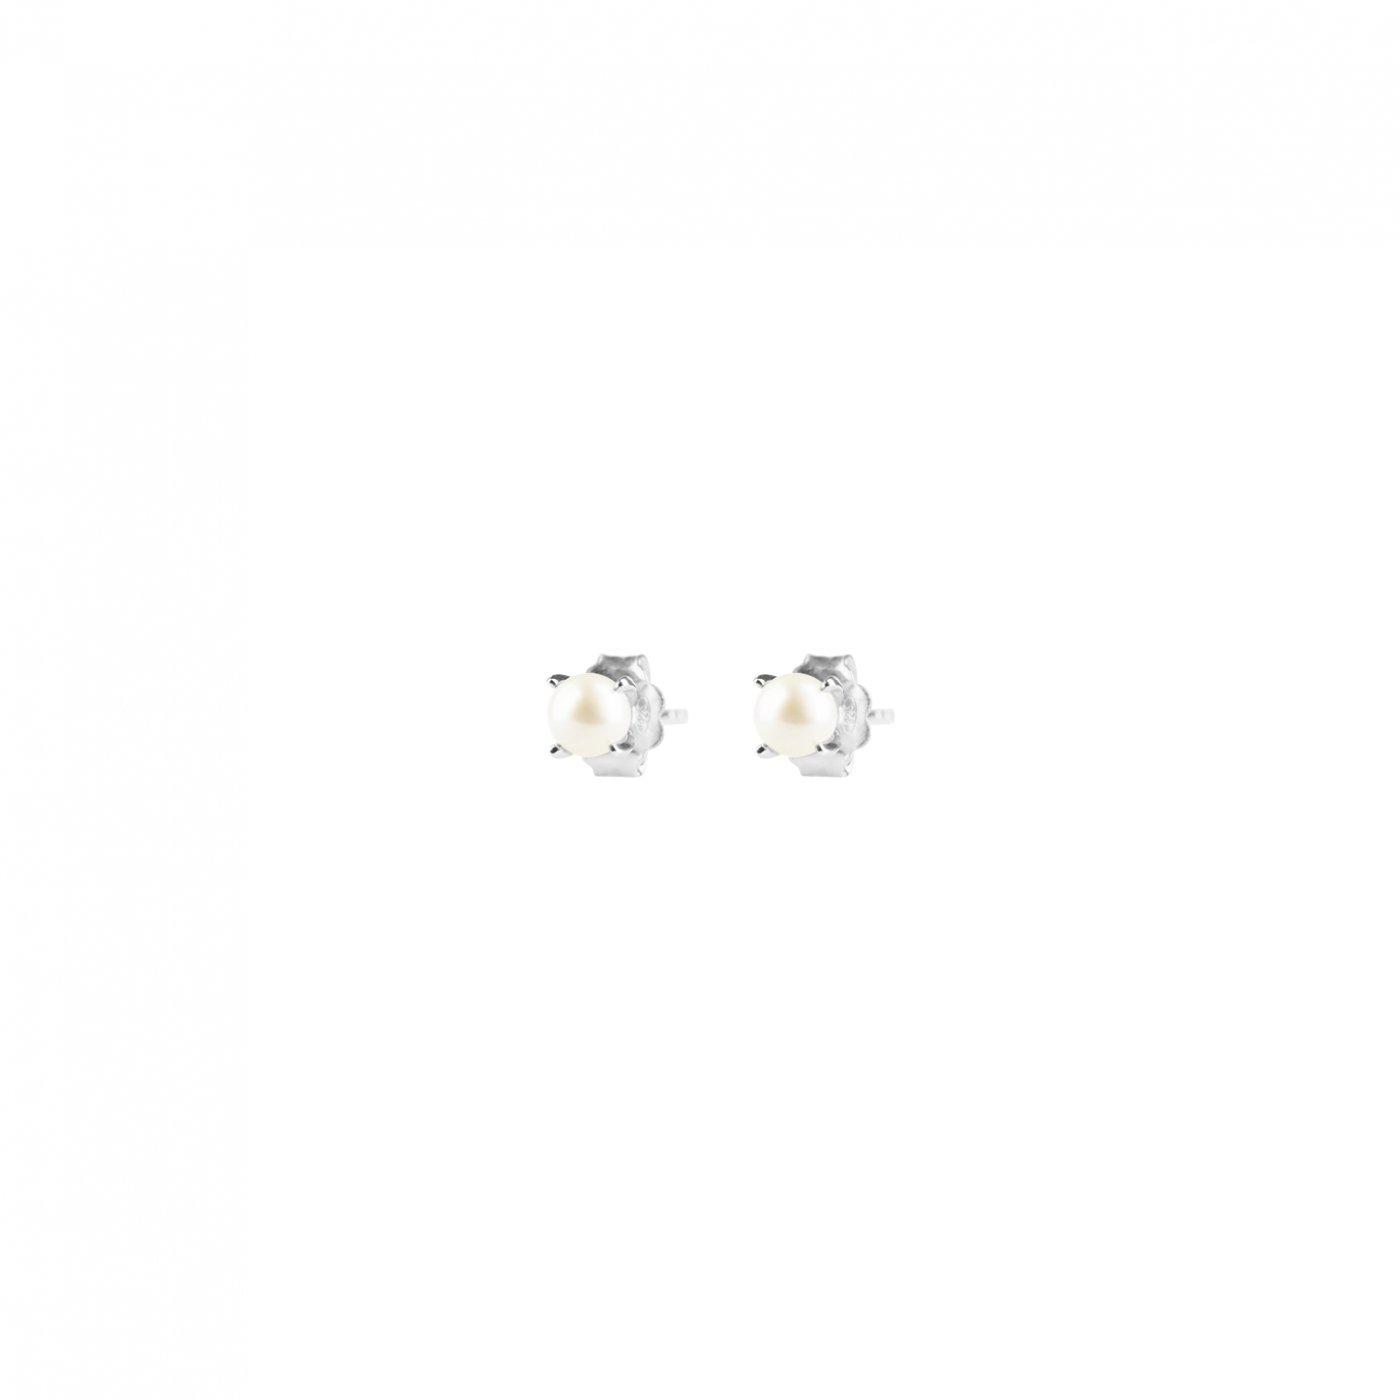 petite-pearl-studs-1400x1400